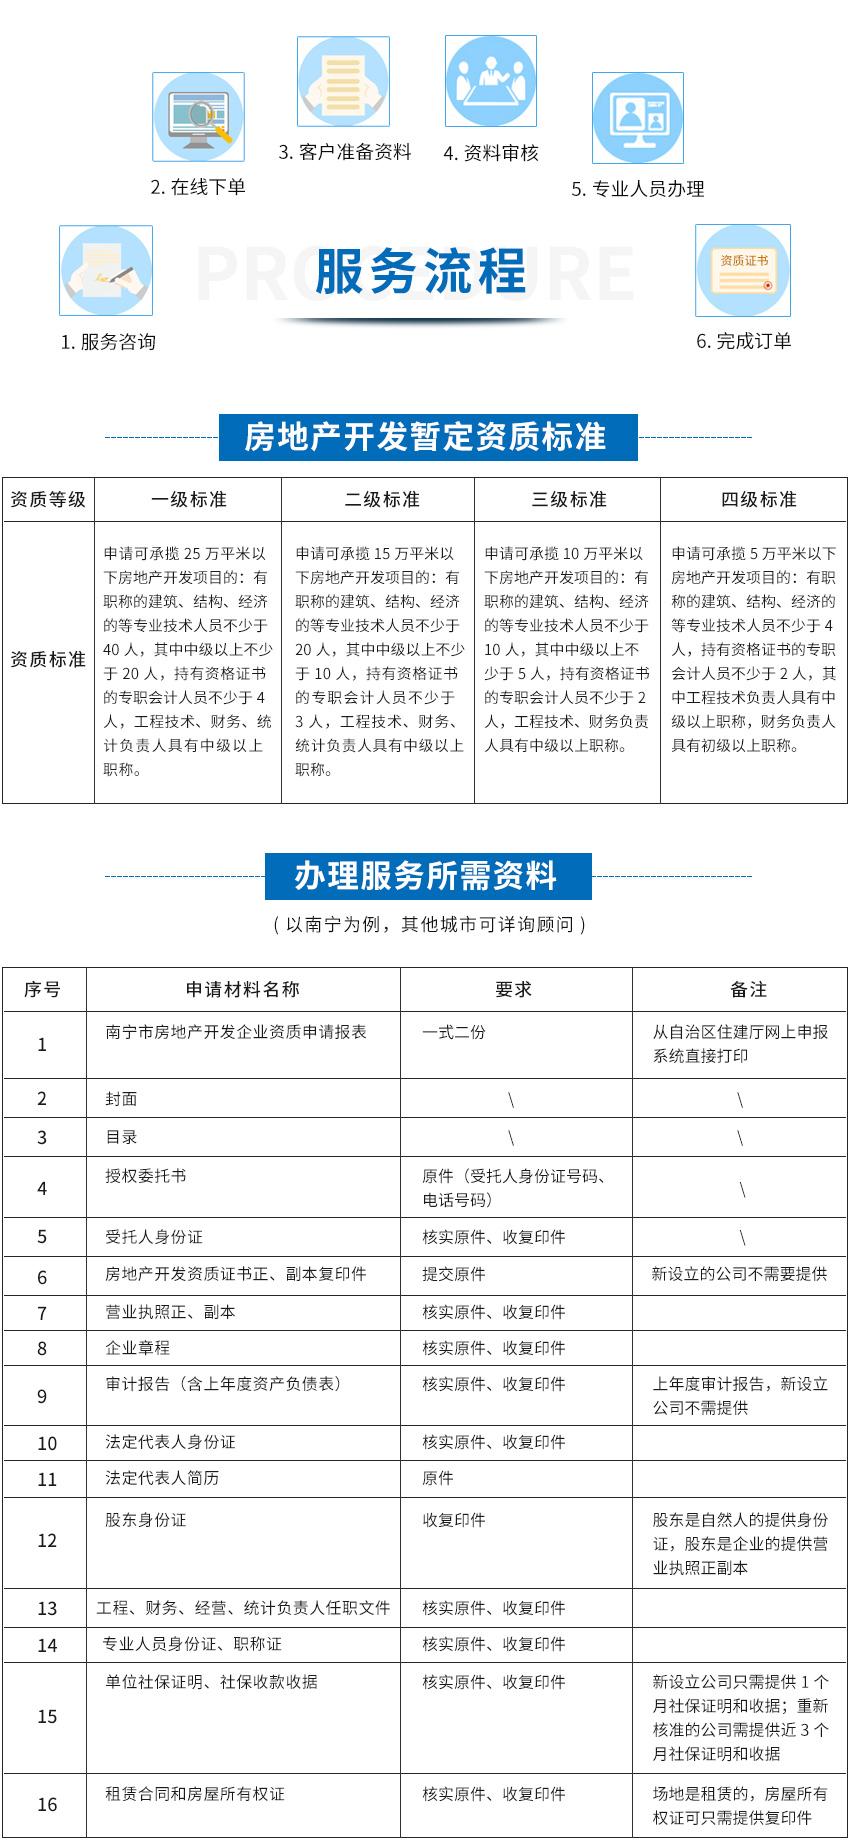 咕咕狗房地产开发暂定betway必威注册网址升级图1